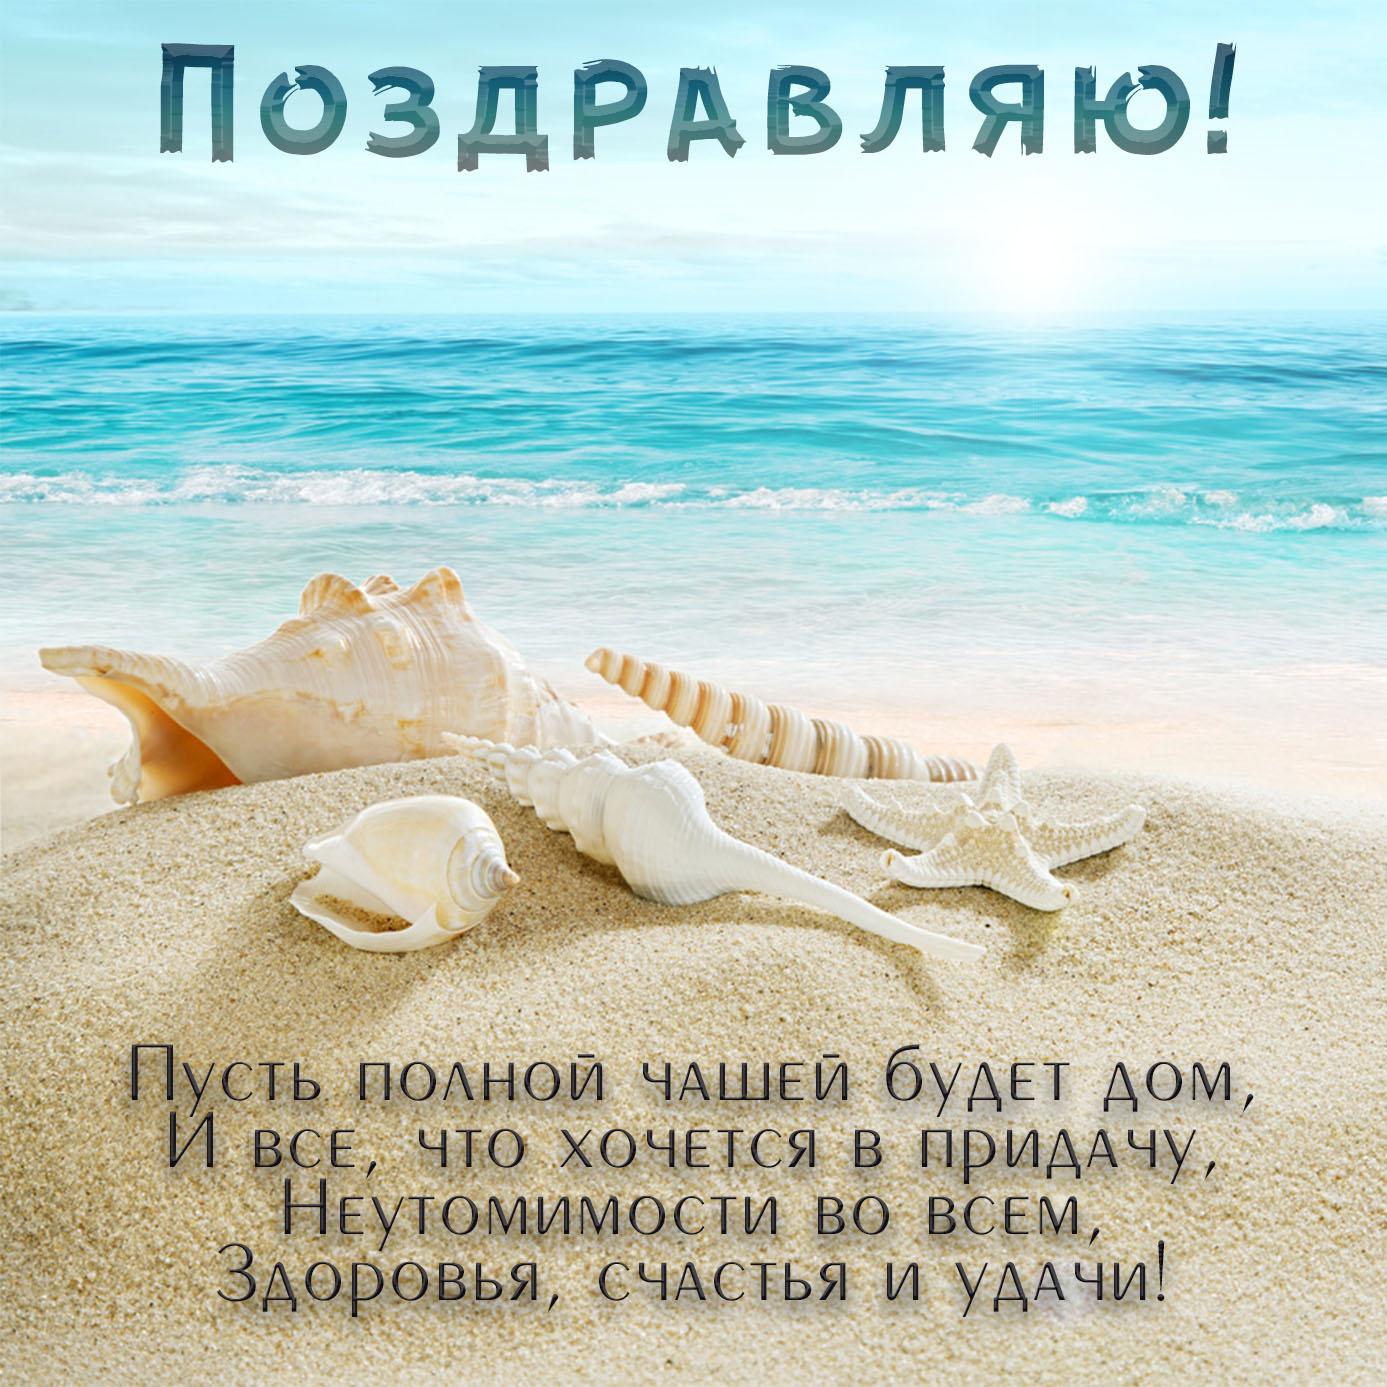 Открытка с днем рождения море пляж